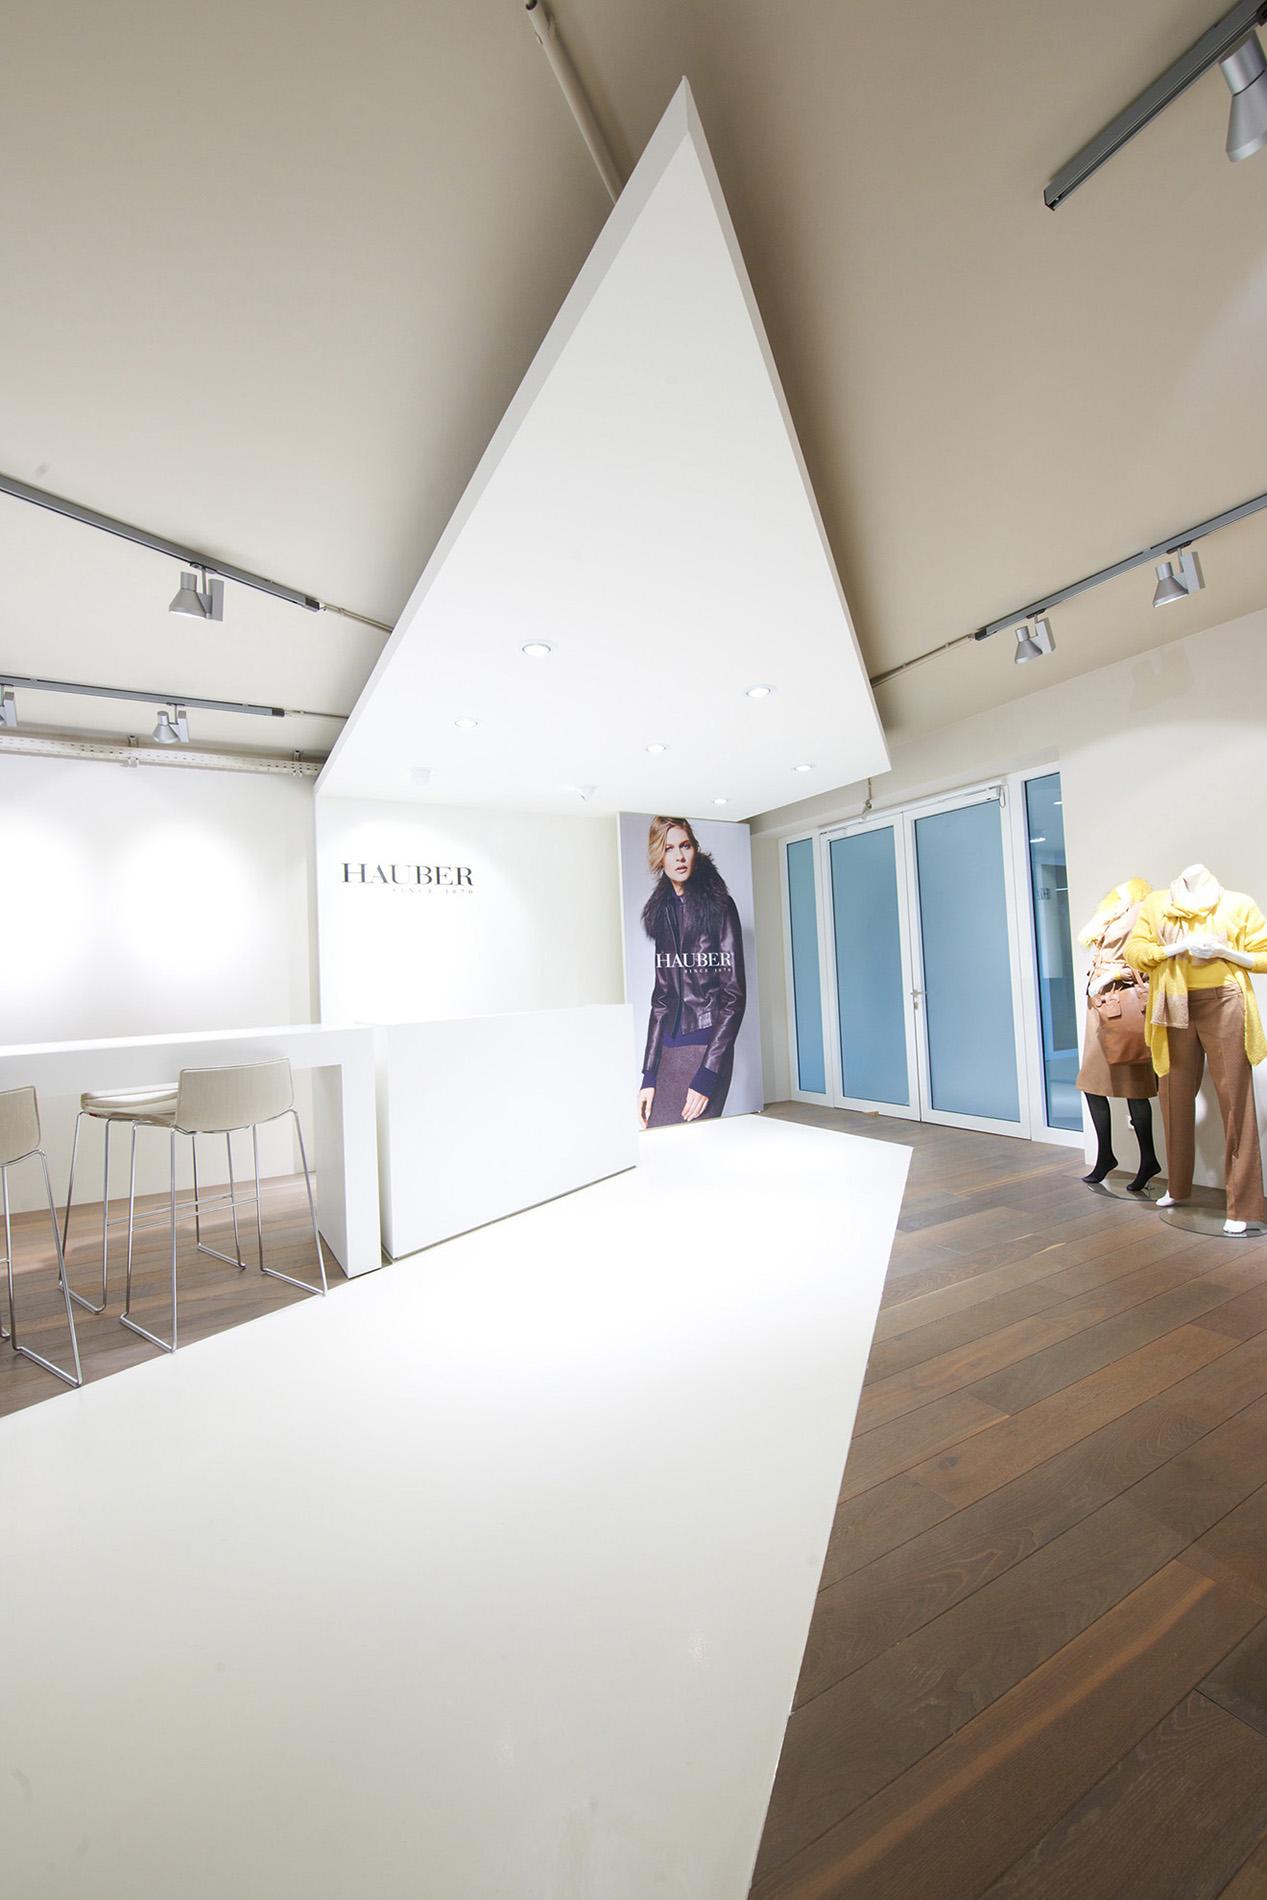 Fotodesign-matthias-schütz-hauber-showroom-6